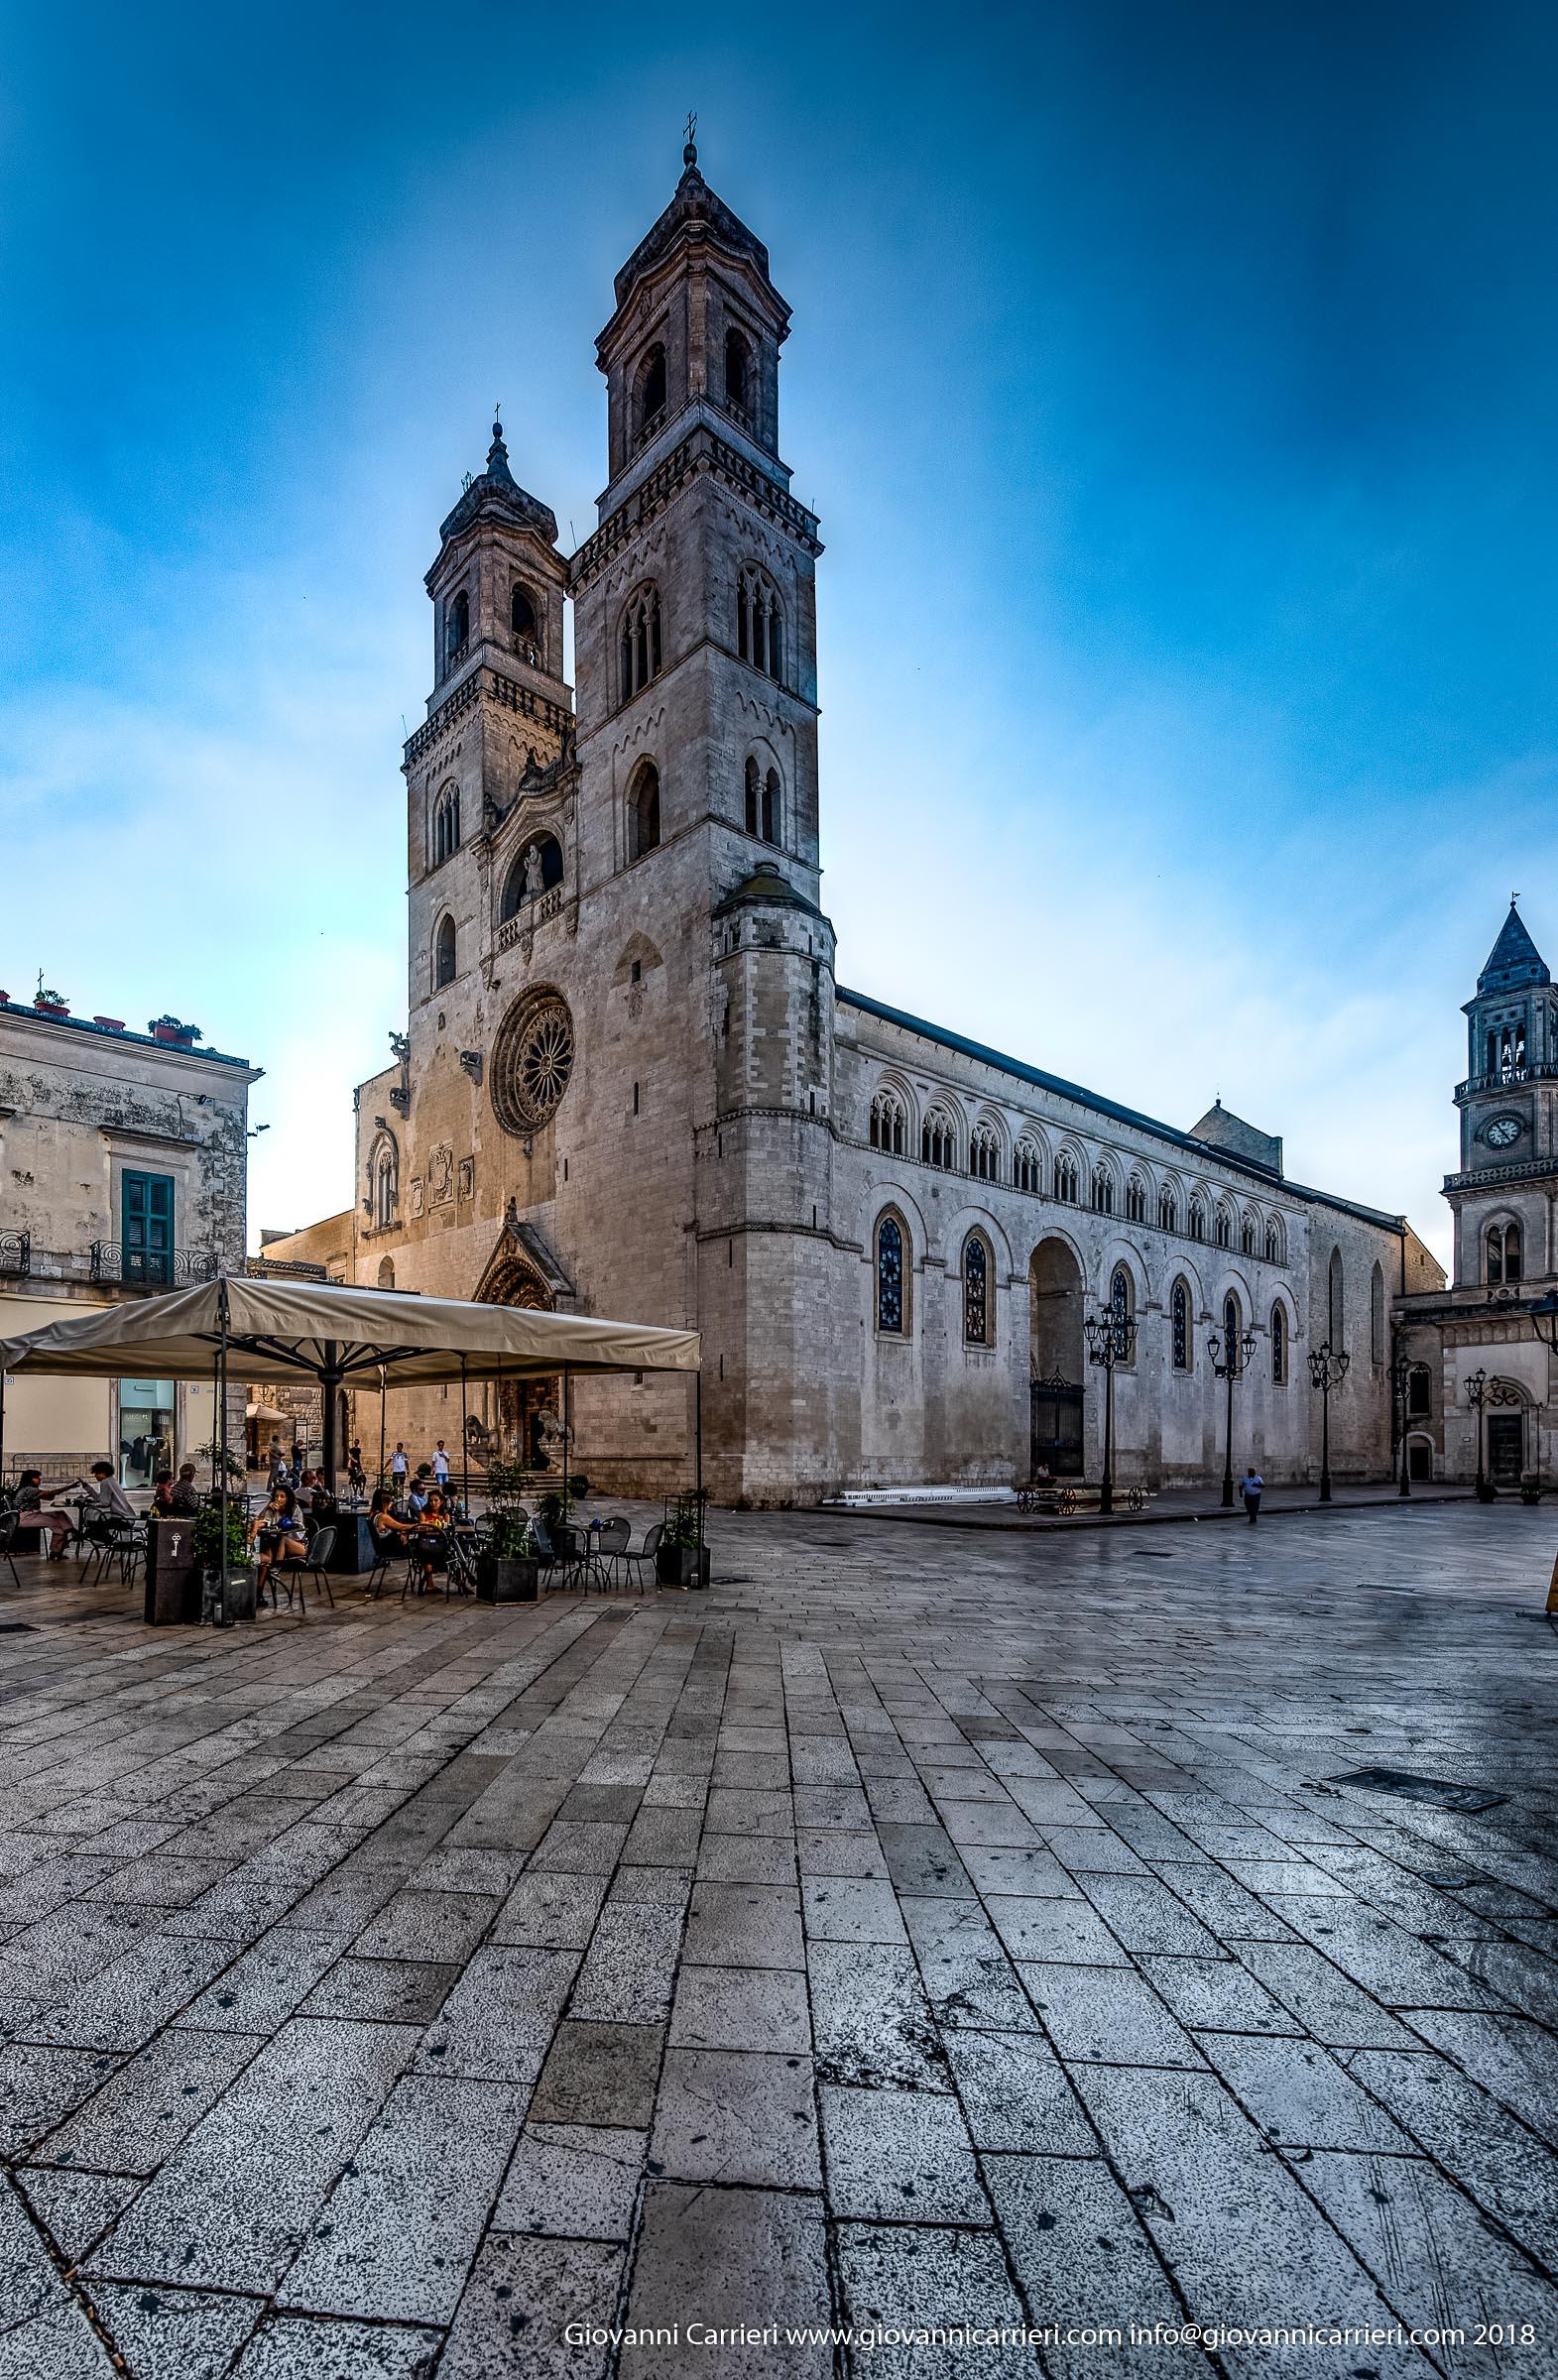 Il Duomo di Altamura la Cattedrale di Santa Maria Assunta